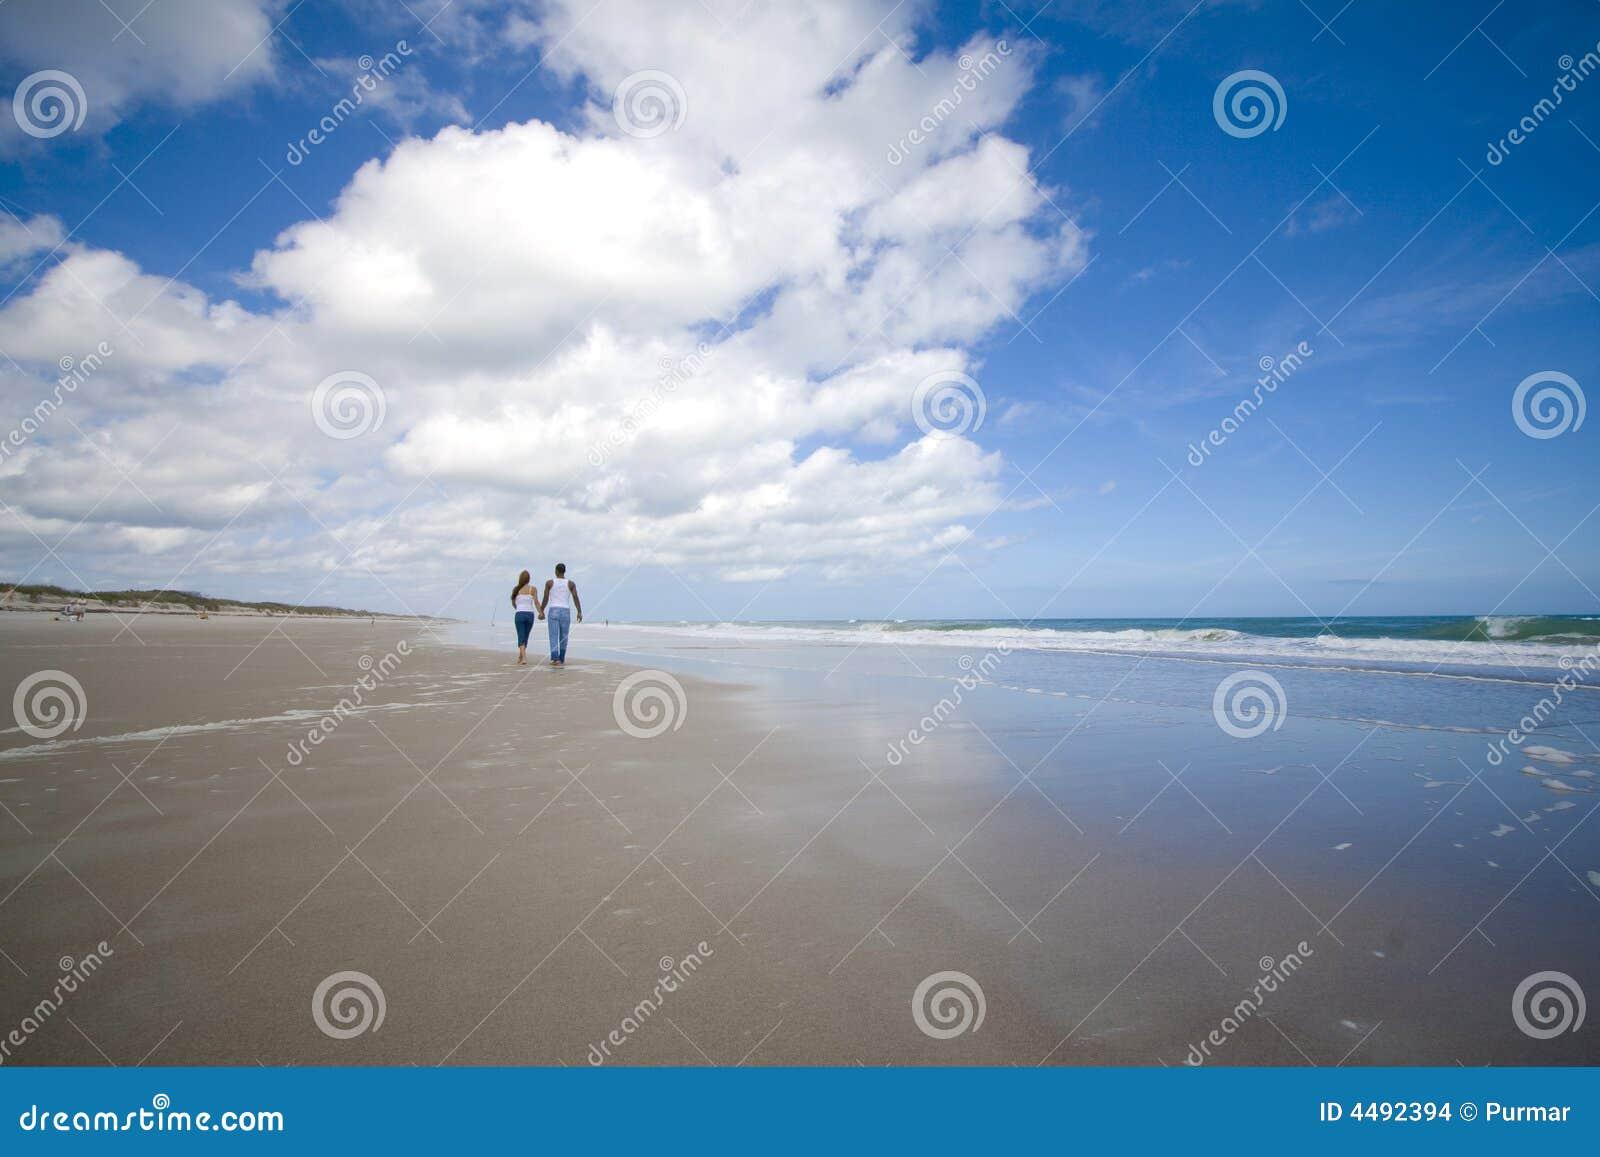 Gå på en strand